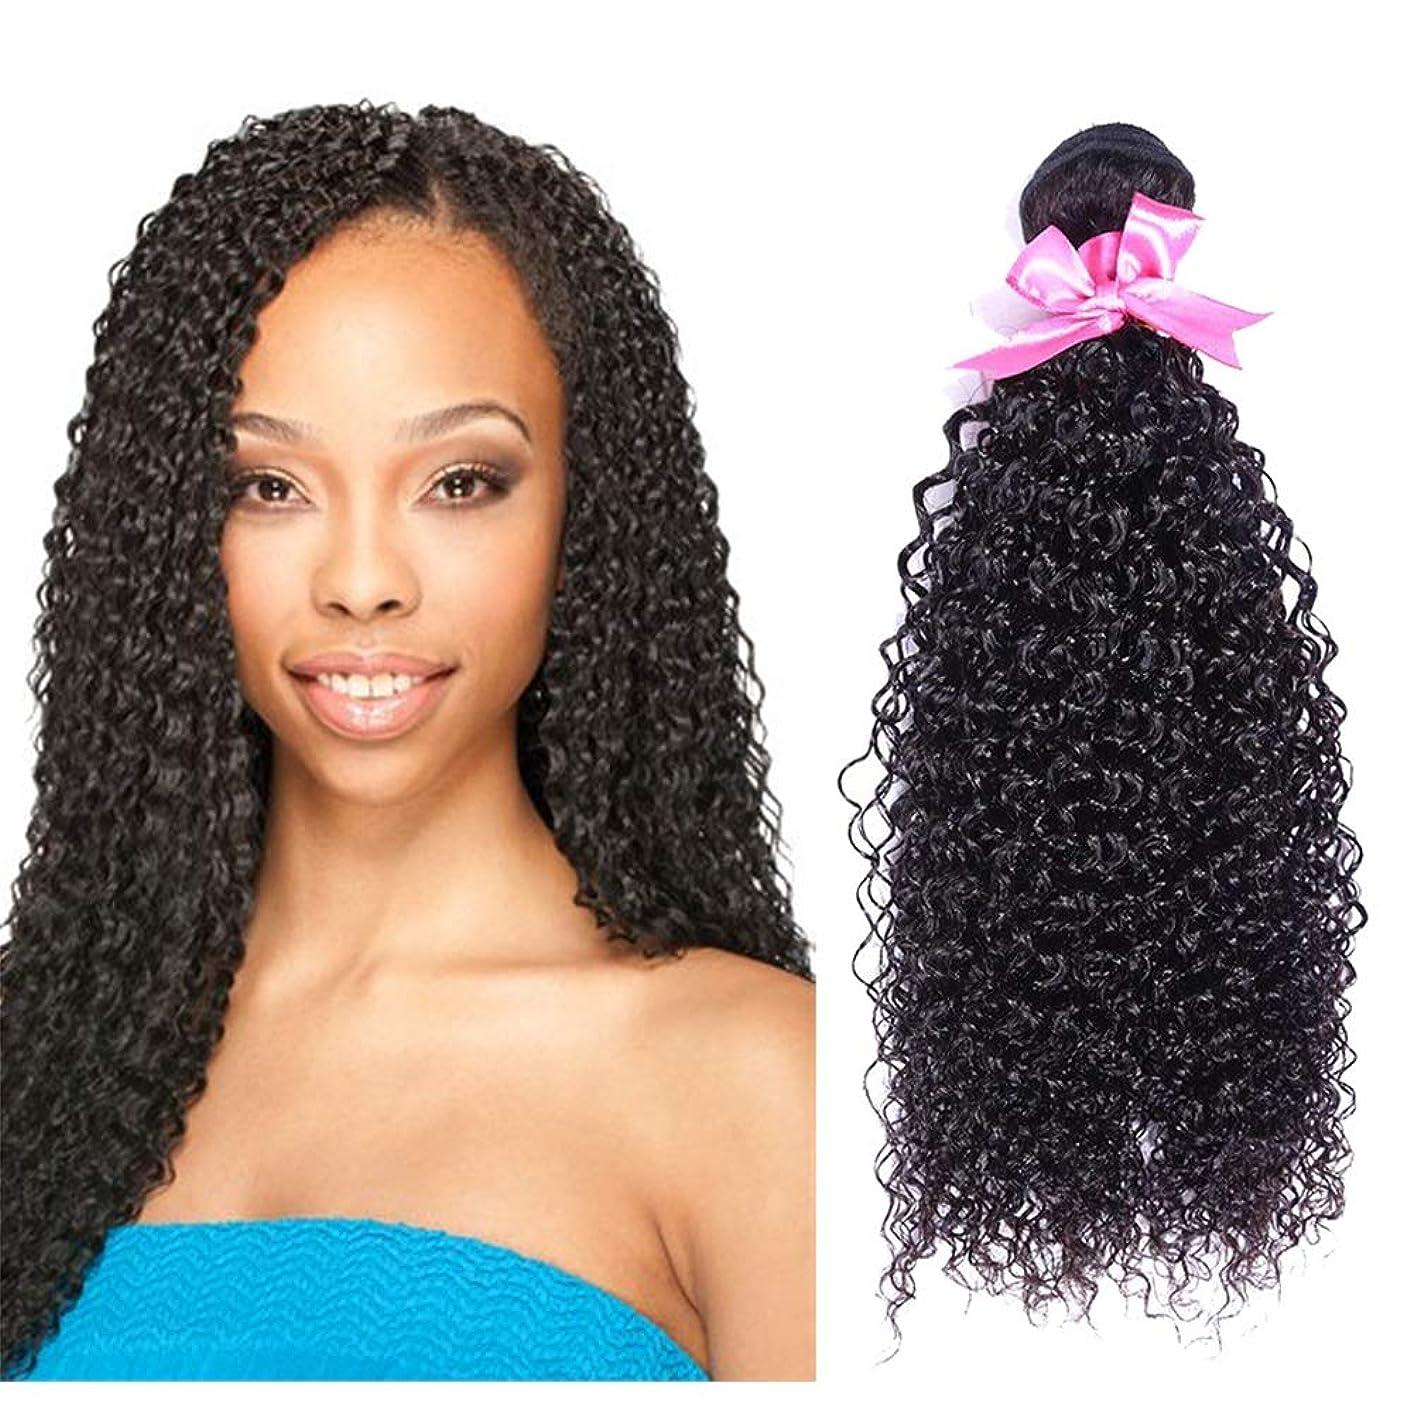 イブニング無駄な鉄女性の髪を編む150%密度ブラジルのロングボディウェーブヘアバンドル波状の髪の拡張子100%人毛で縫う100g /バンドル